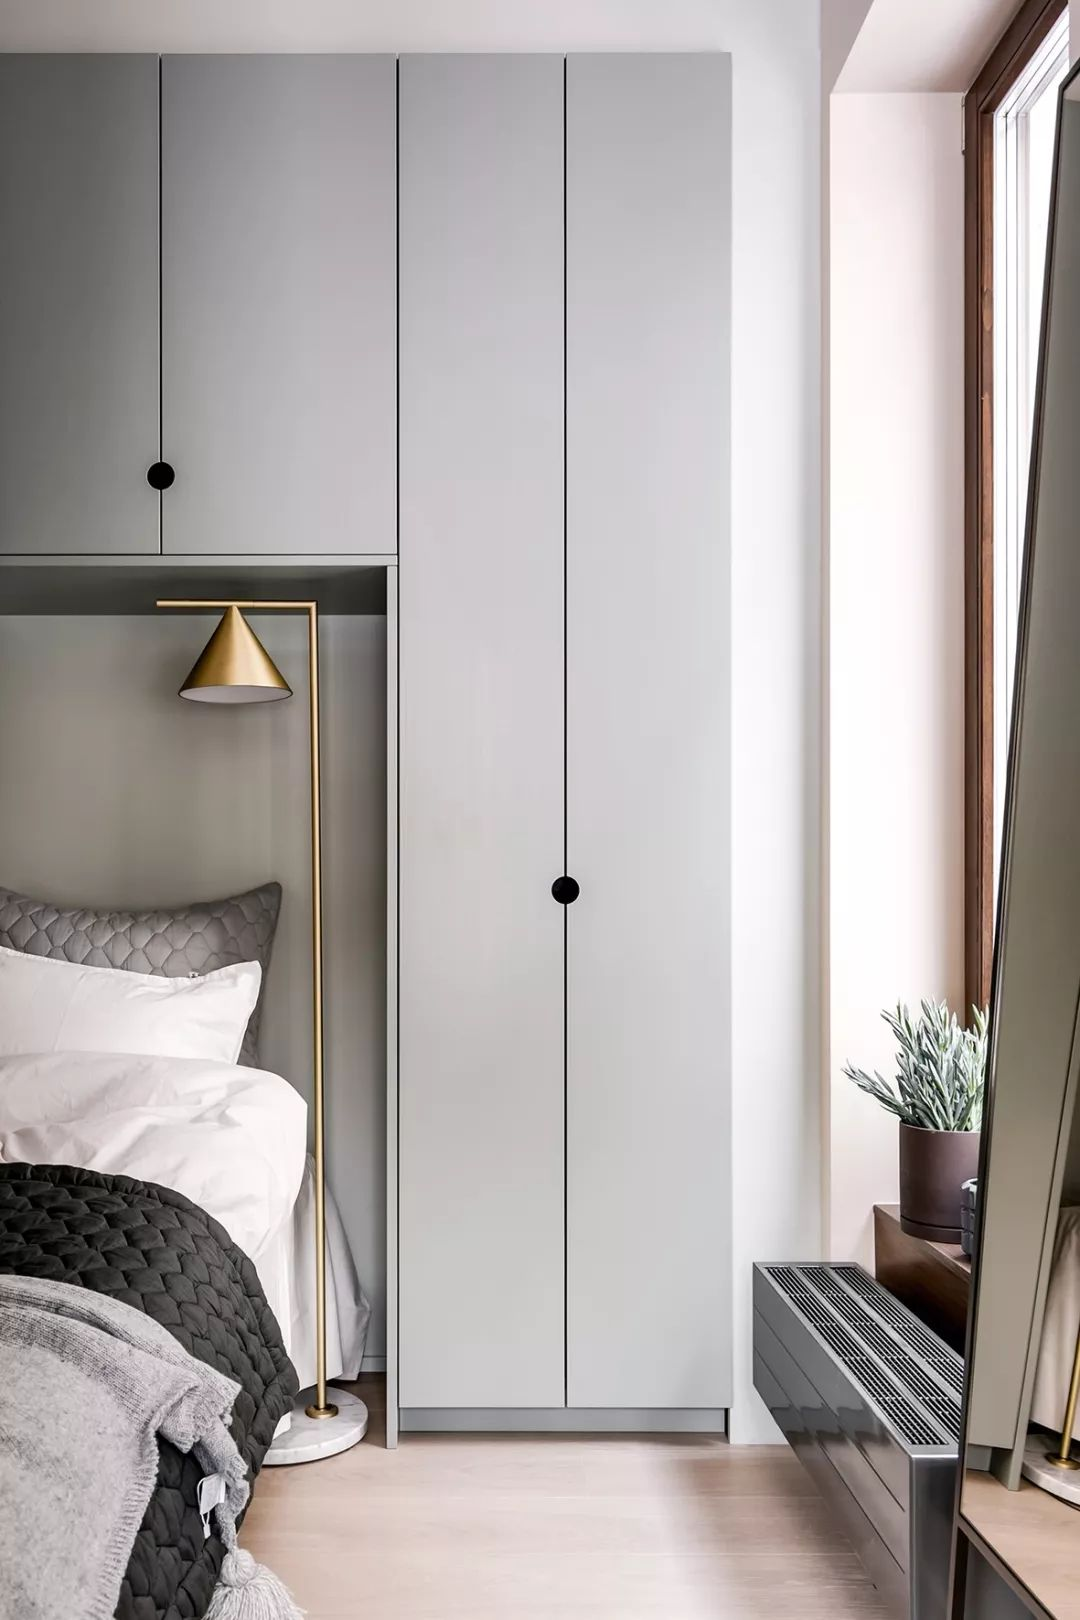 黄铜灯与衣柜颜色形成对比的同时,又提成了整个空间的质感。